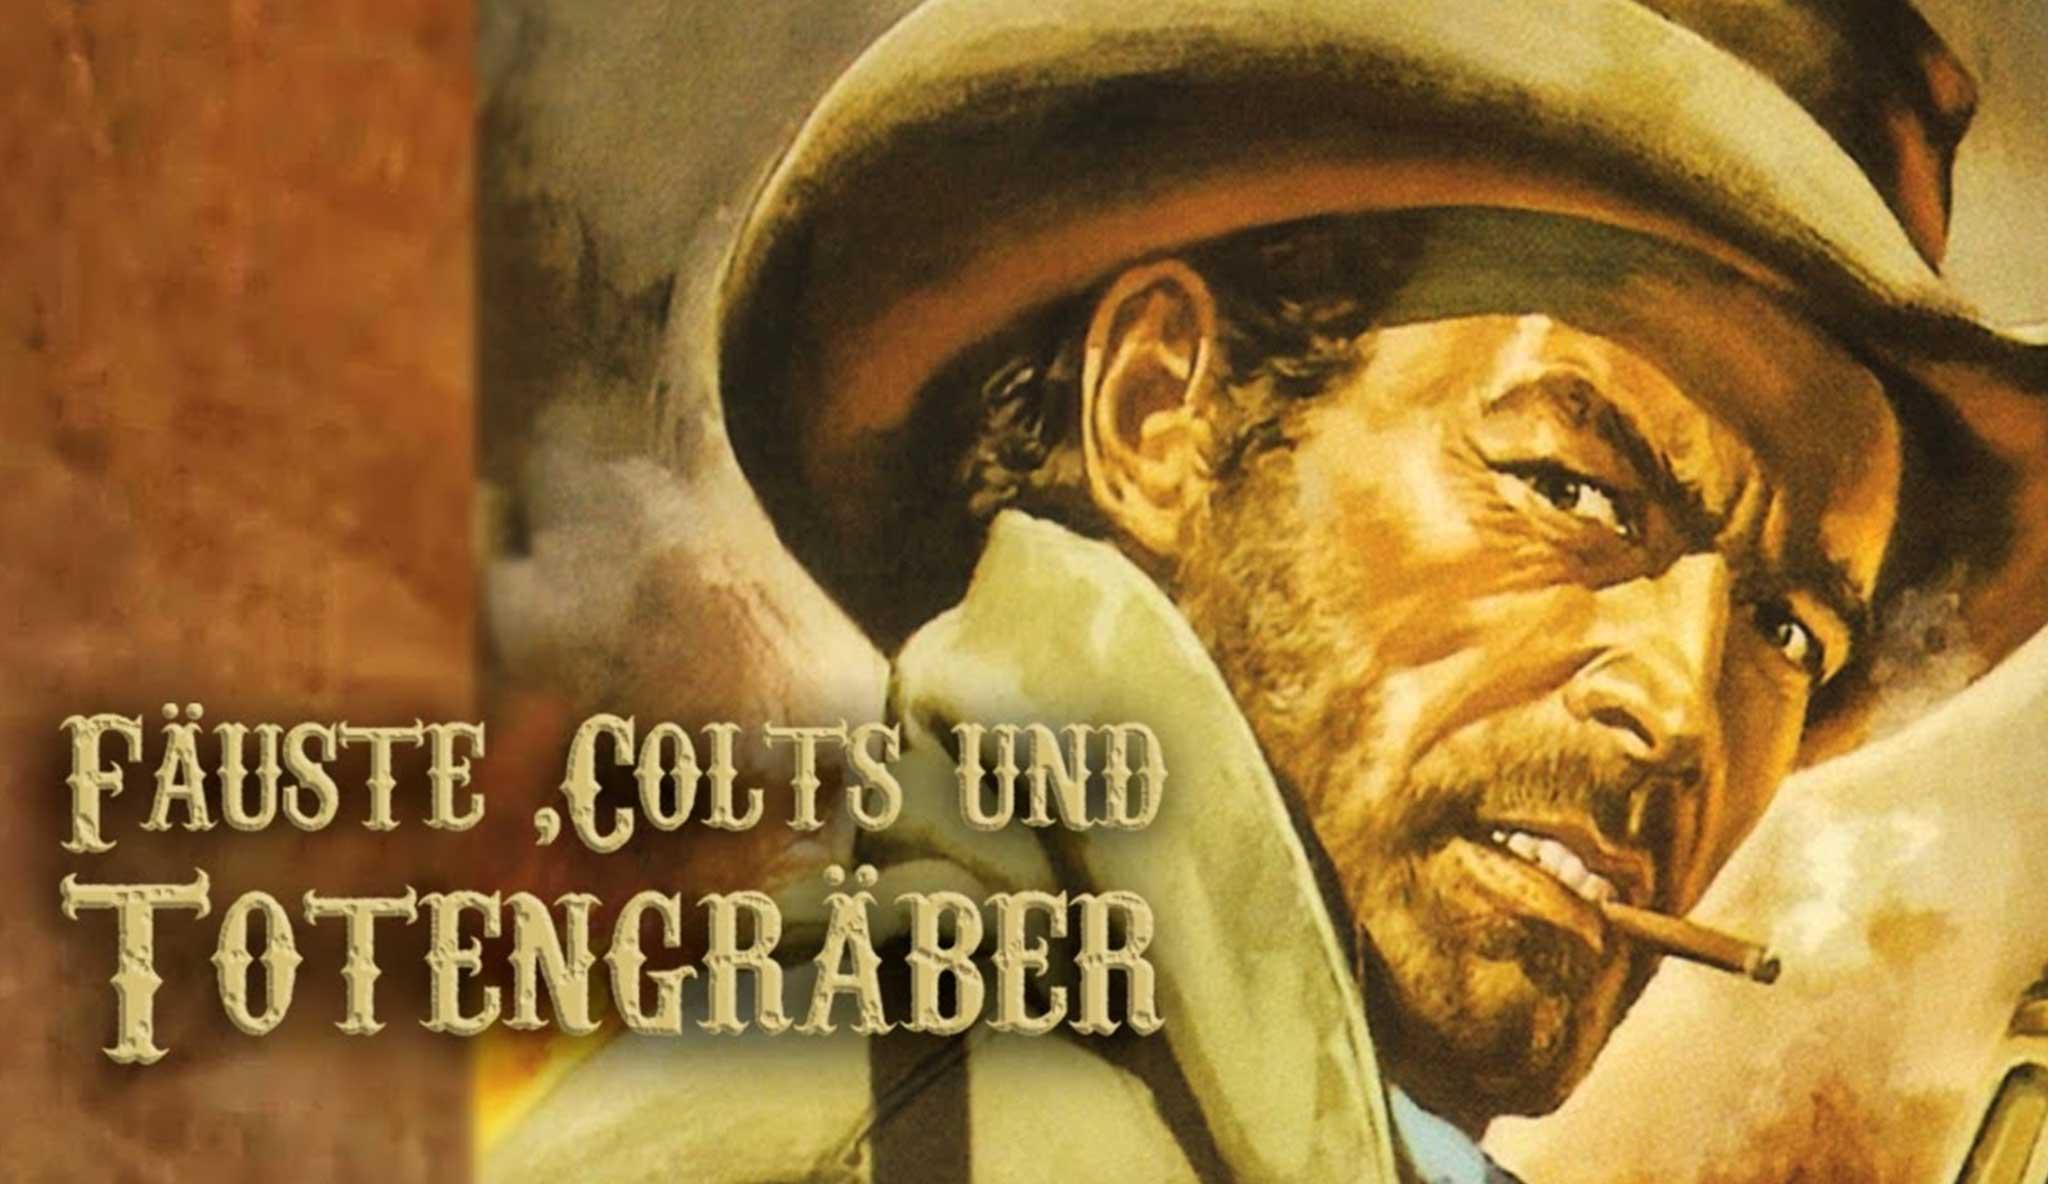 fauste-colts-und-totengraber\header.jpg